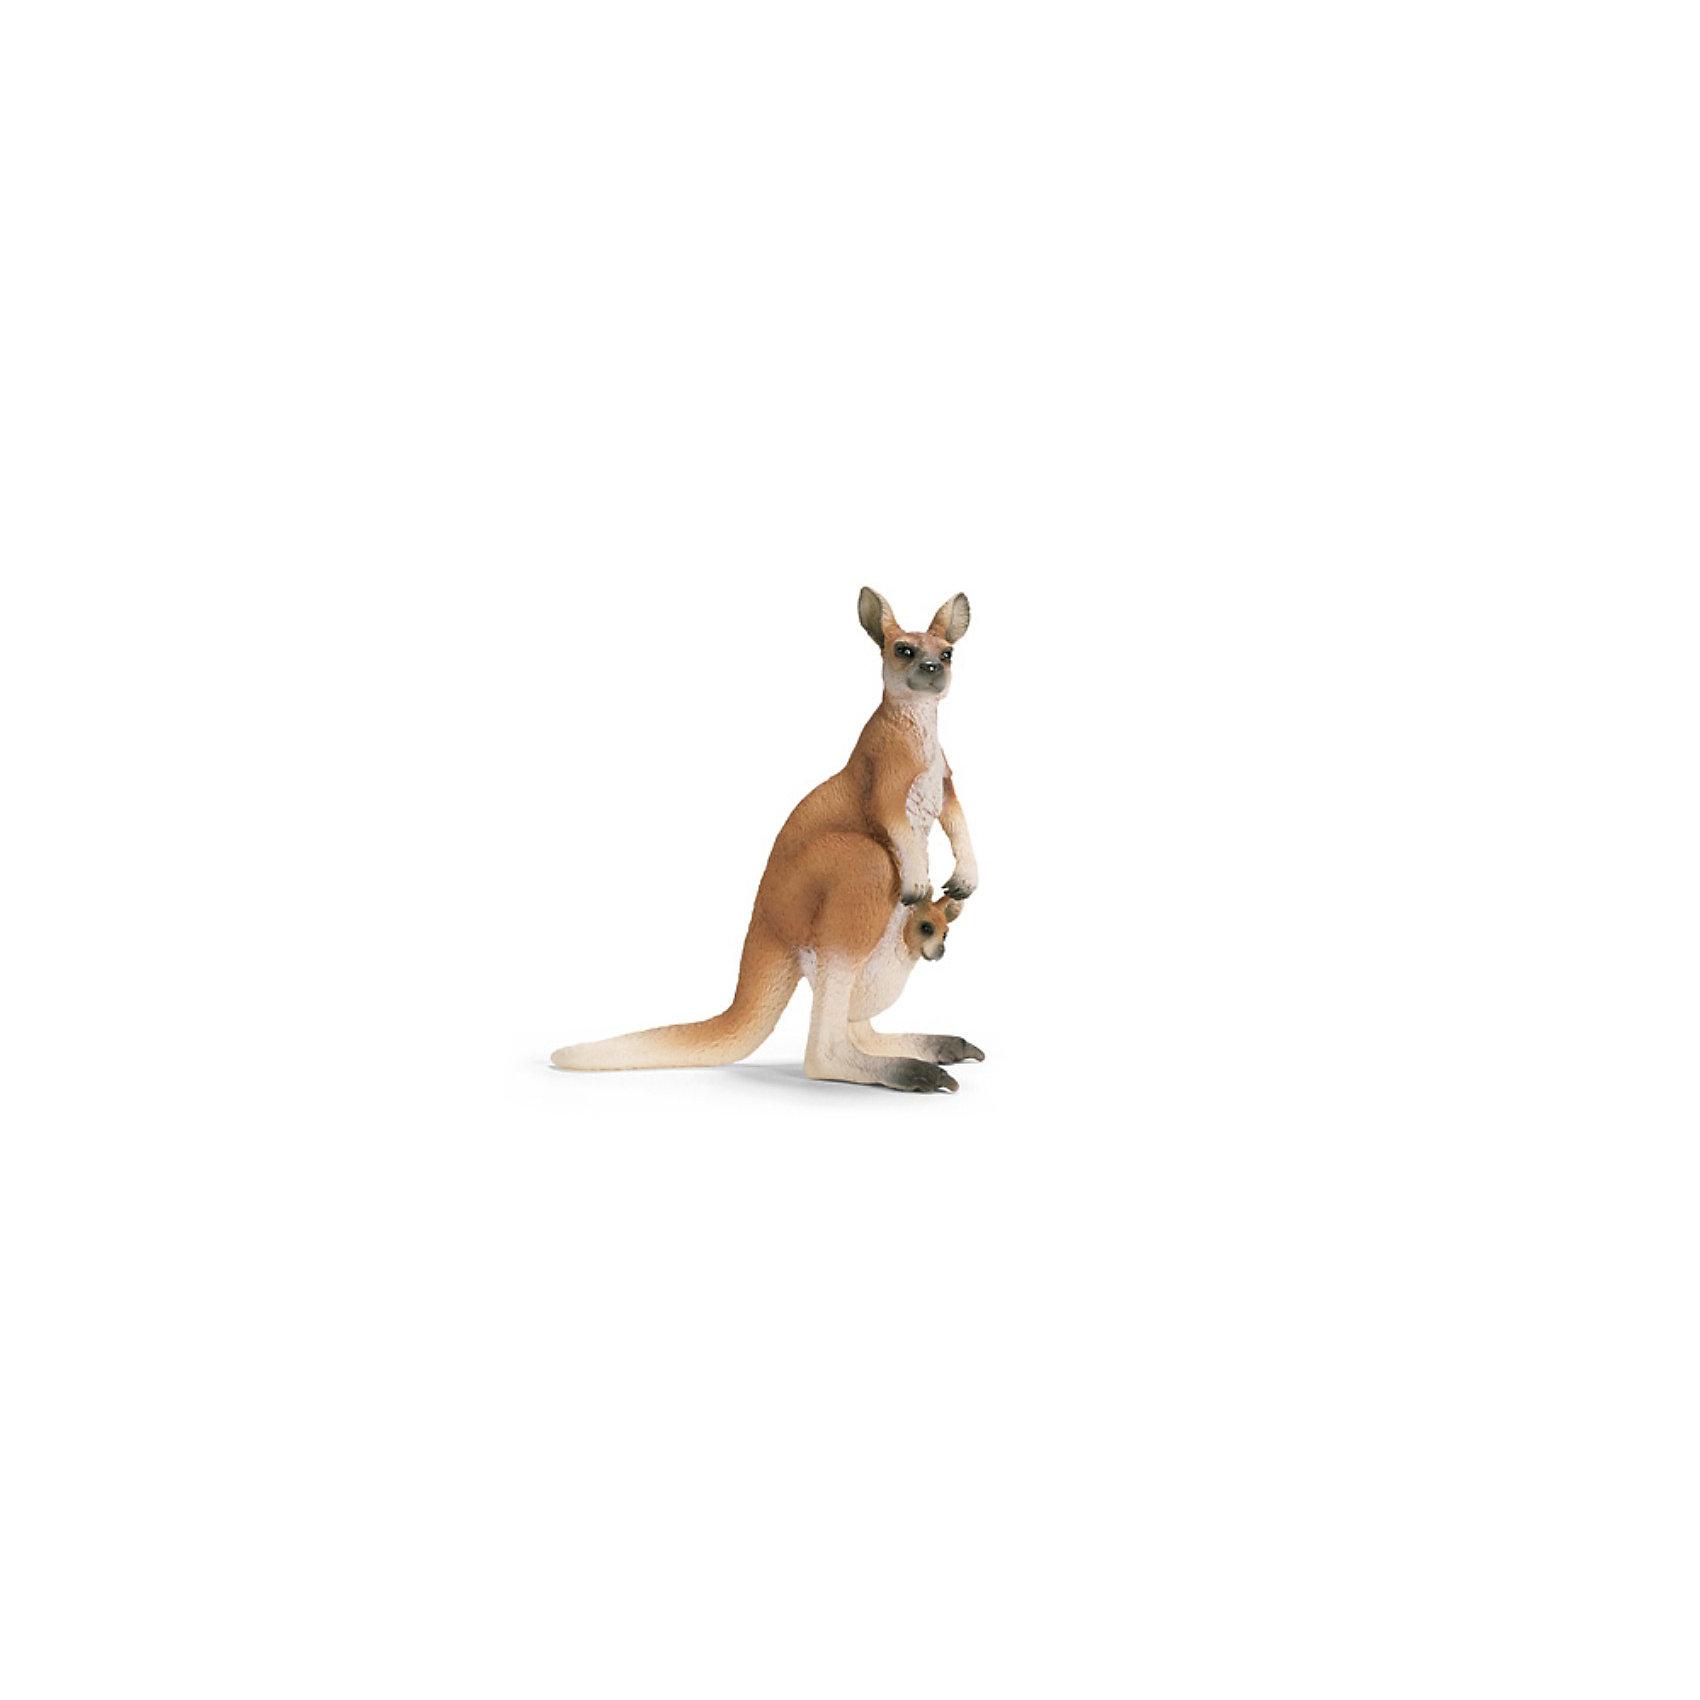 Schleich Кенгуру. Серия Дикие животныеМир животных<br>Schleich (Шляйх), кенгуру. Серия Дикие животные.<br><br>Характеристика:<br><br>• Материал: резина, пластик.  <br>• Размер фигурки: 8,6x3,7x9,3 см. <br>• Фигурка прекрасно детализирована.<br>• Реалистично раскрашена вручную. <br><br>Фигурка кенгуру отлично детализирована и реалистично раскрашена. Игрушки серии Дикие животные от немецкого бренда Schleich изготовлены из высококачественных экологичных материалов, с применением только безопасных, нетоксичных красителей. Собери всю коллекцию Schleich и познакомься поближе с такими удивительными дикими и домашними животными! <br><br>Schleich (Шляйх), кенгуру, серия Дикие животные, можно купить в нашем интернет-магазине.<br><br>Ширина мм: 139<br>Глубина мм: 96<br>Высота мм: 45<br>Вес г: 50<br>Возраст от месяцев: 36<br>Возраст до месяцев: 96<br>Пол: Унисекс<br>Возраст: Детский<br>SKU: 1821348